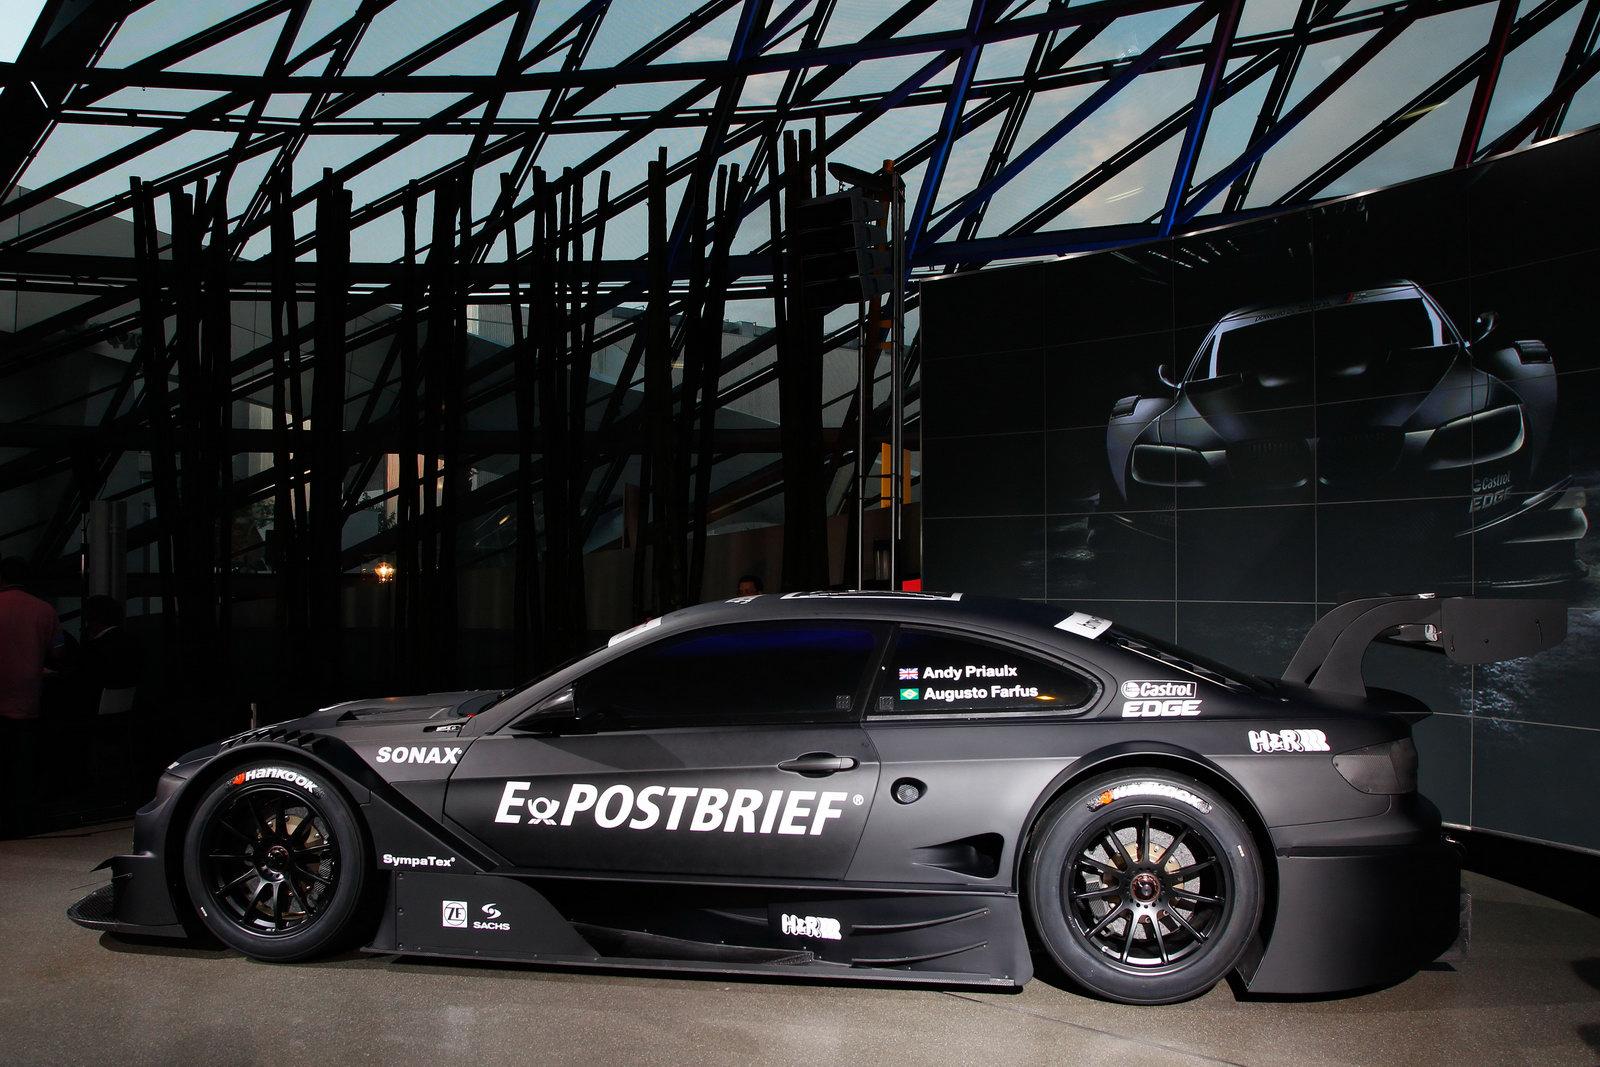 http://2.bp.blogspot.com/-aR13m9lf0D4/T5qik0jtlzI/AAAAAAAAFX0/NgyOvSN6hTs/s1600/Sport+Car+Garage_BMW+M3+DTM+Concept_2012_5.jpg